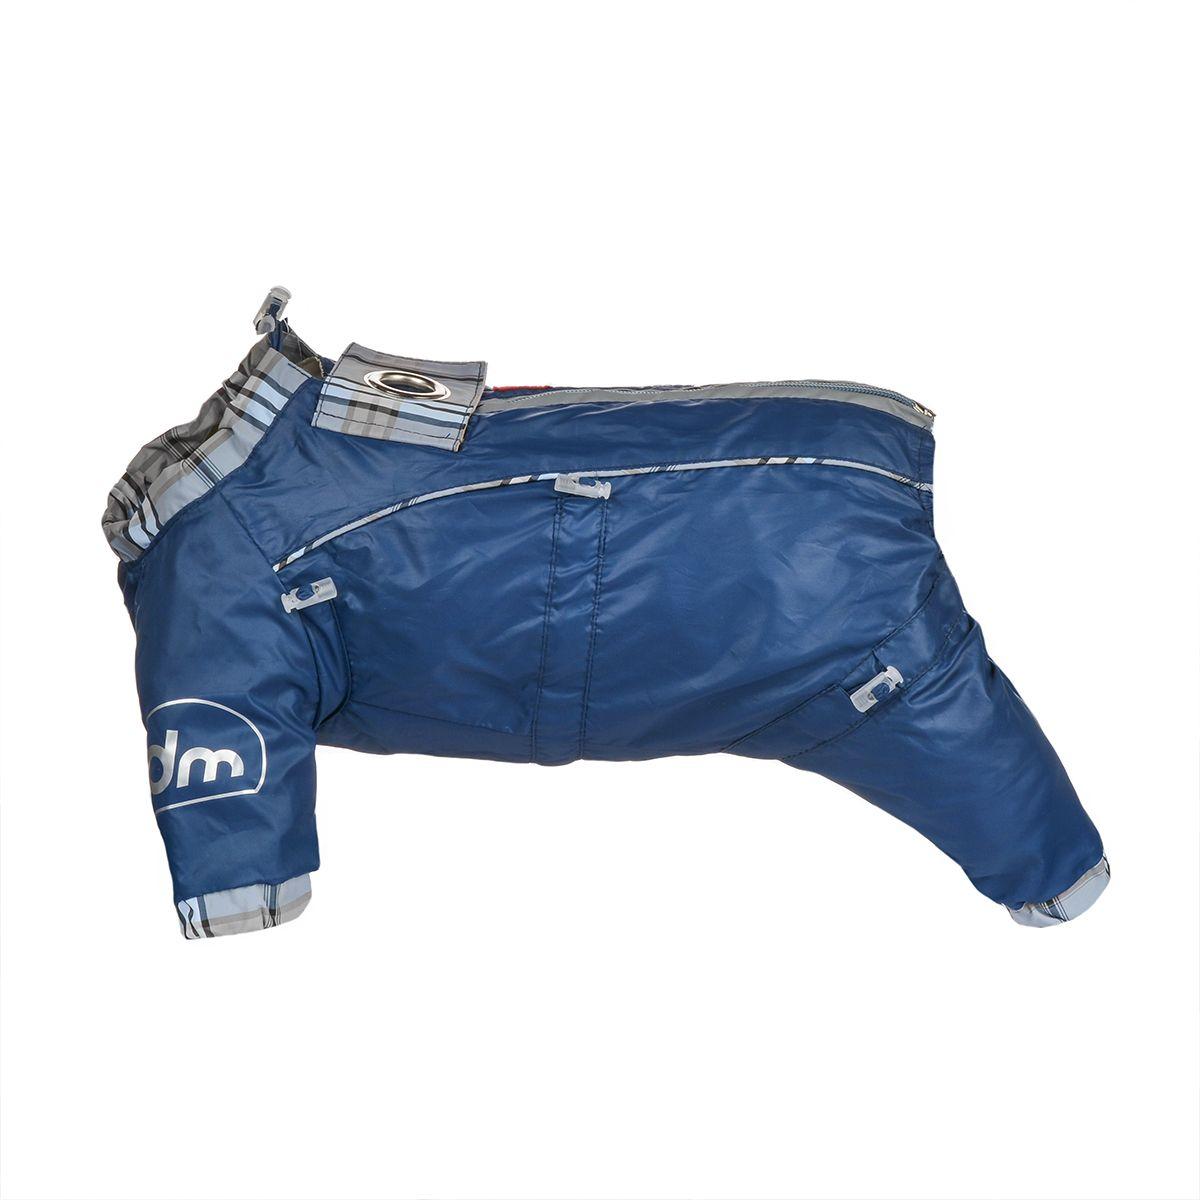 Комбинезон для собак Dogmoda  Doggs , для мальчика, цвет: темно-синий. Размер XXXL - Одежда, обувь, украшения